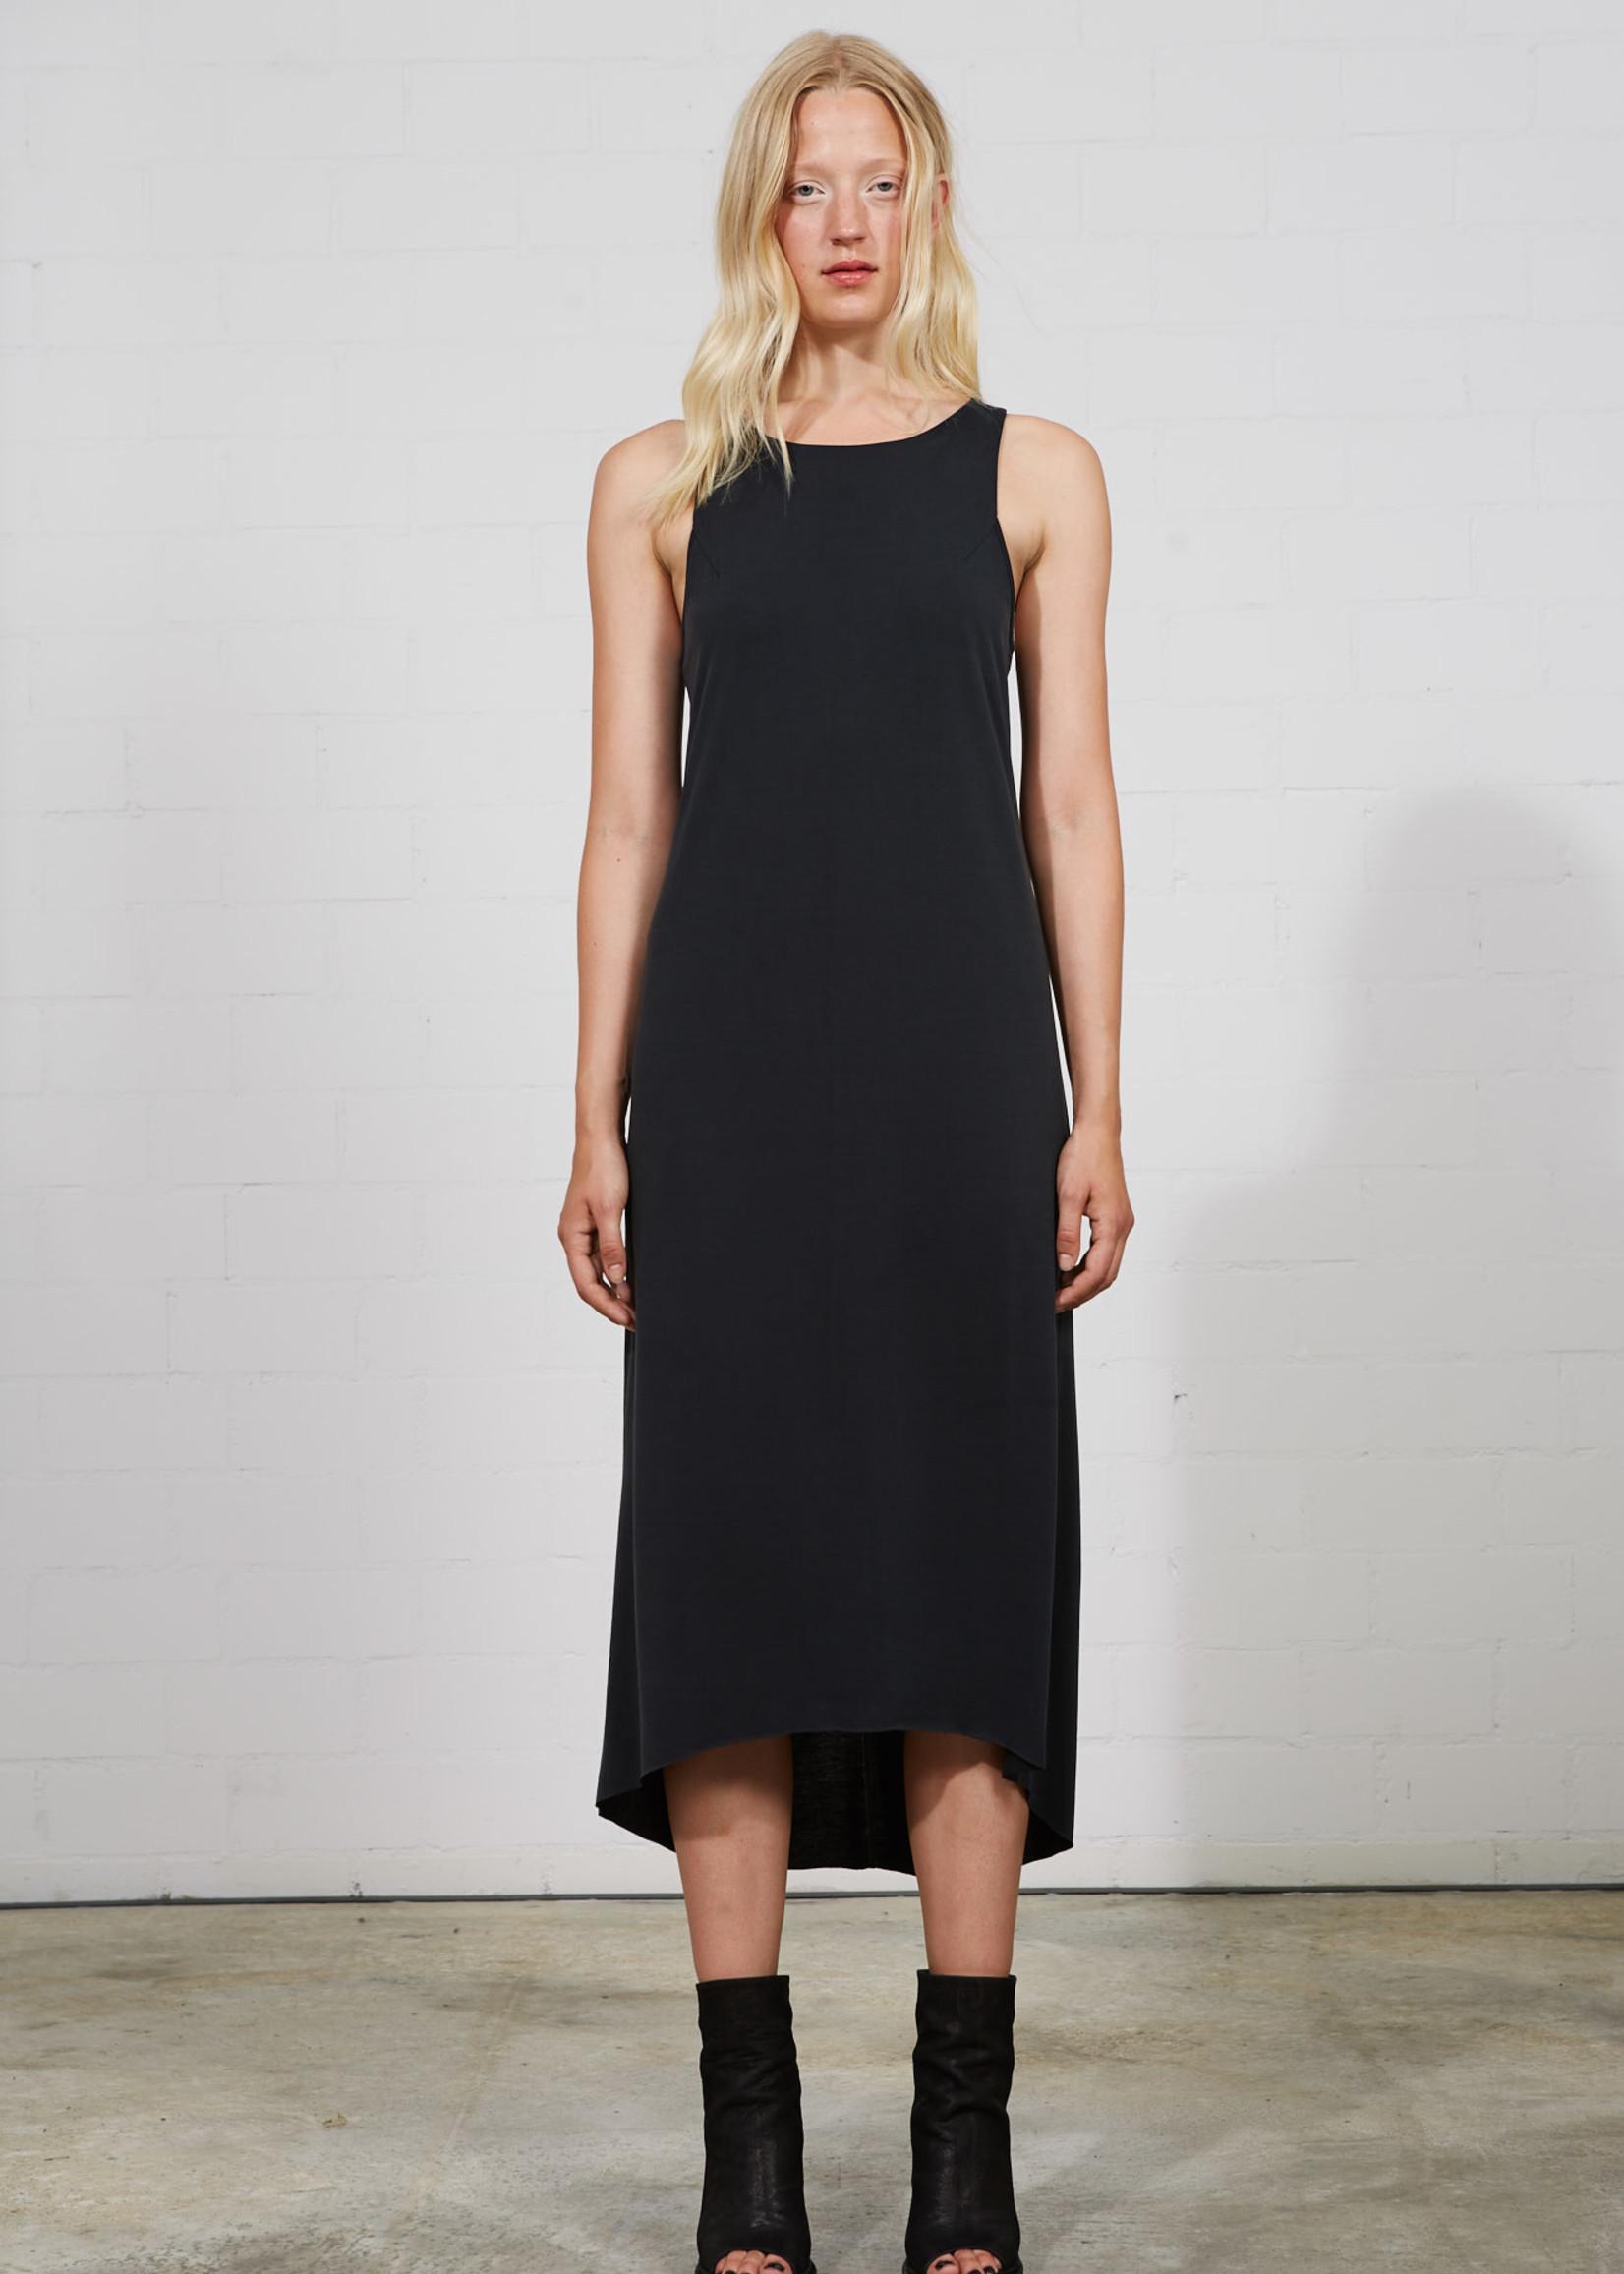 Thom krom Thom/Krom dress Black